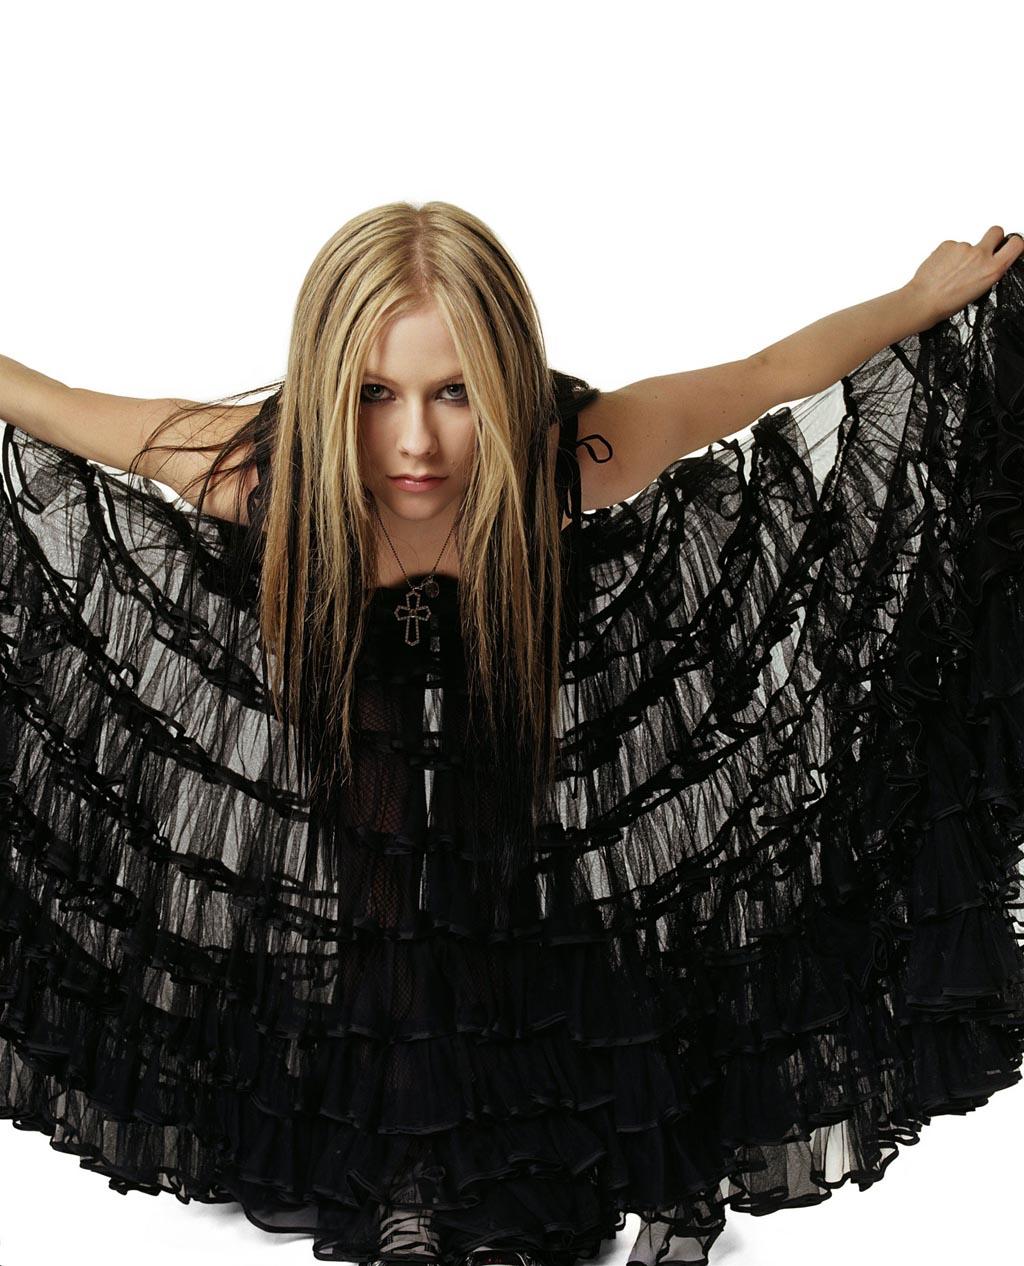 Avril Lavigne005.jpg